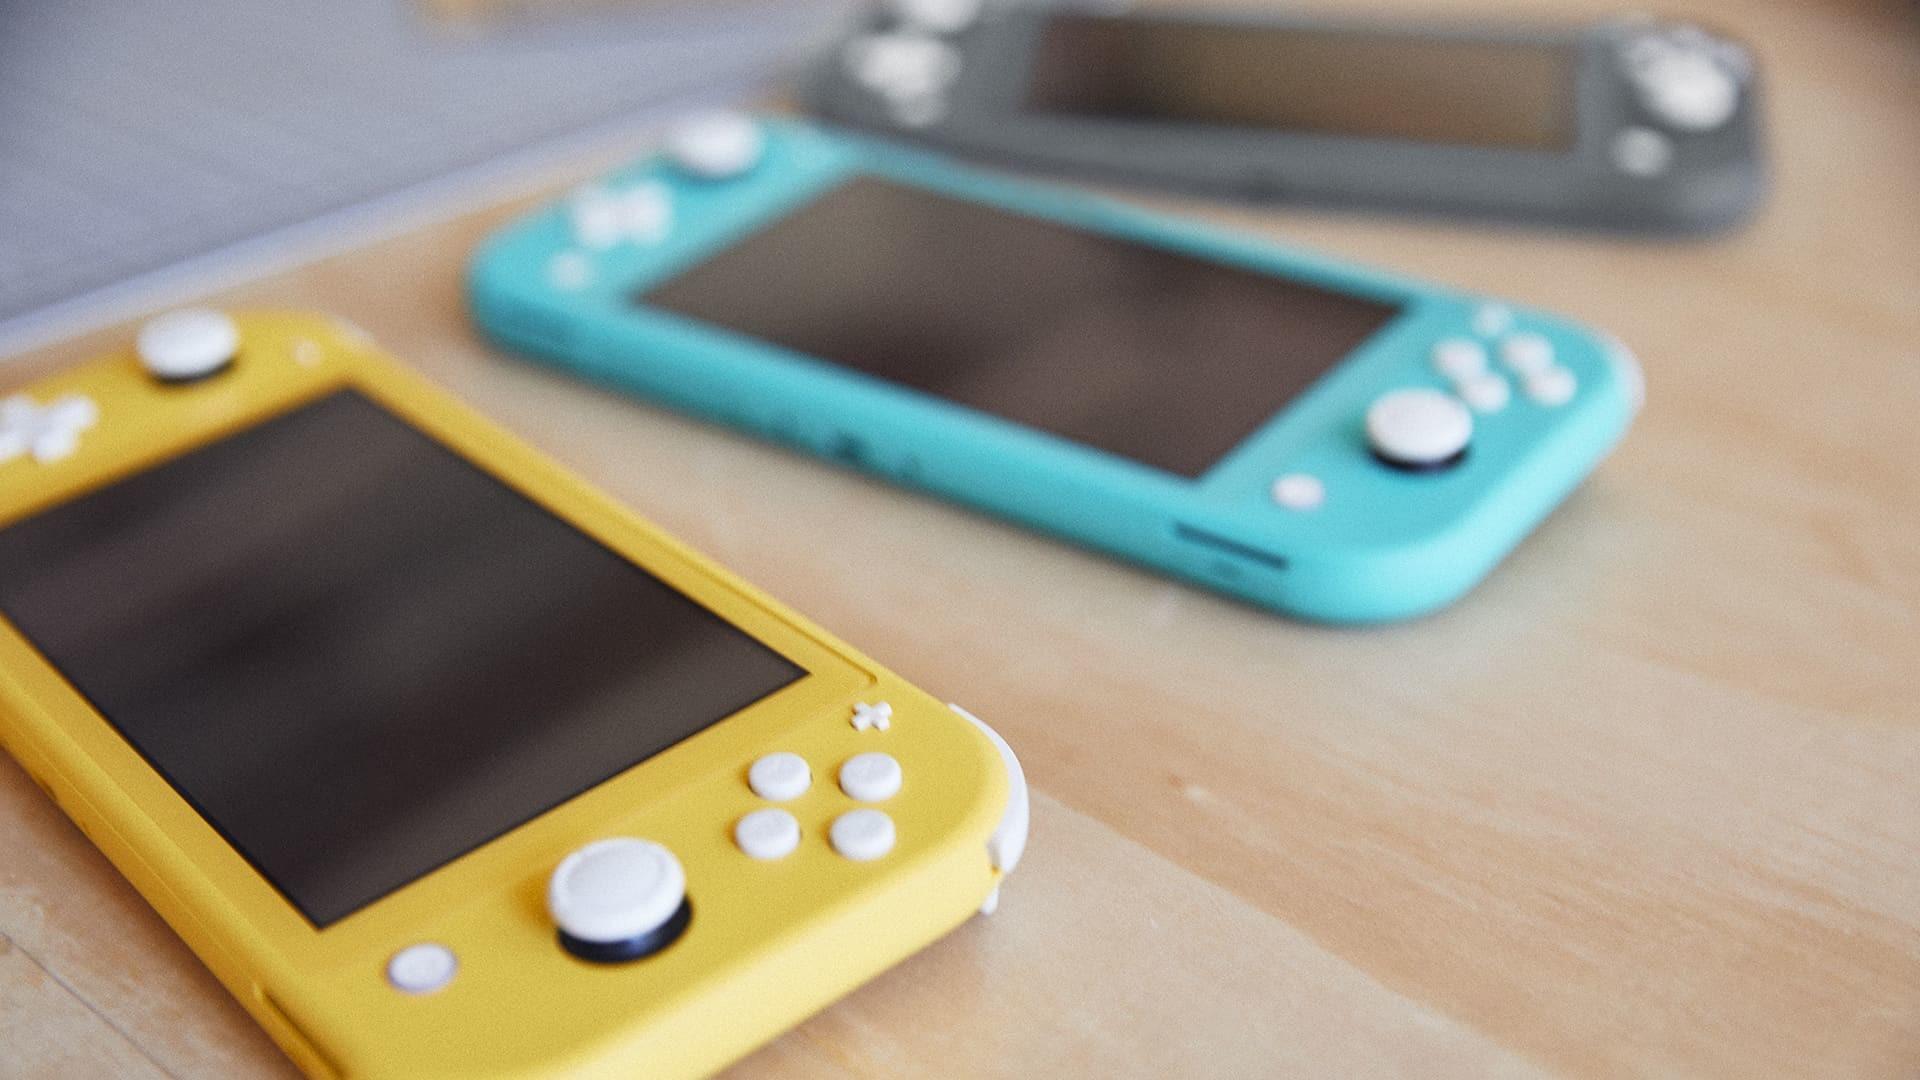 照片中包含了任天堂Switch Lite顏色、任天堂Switch、任天堂開關精簡版、美國任天堂公司、掌上游戲機